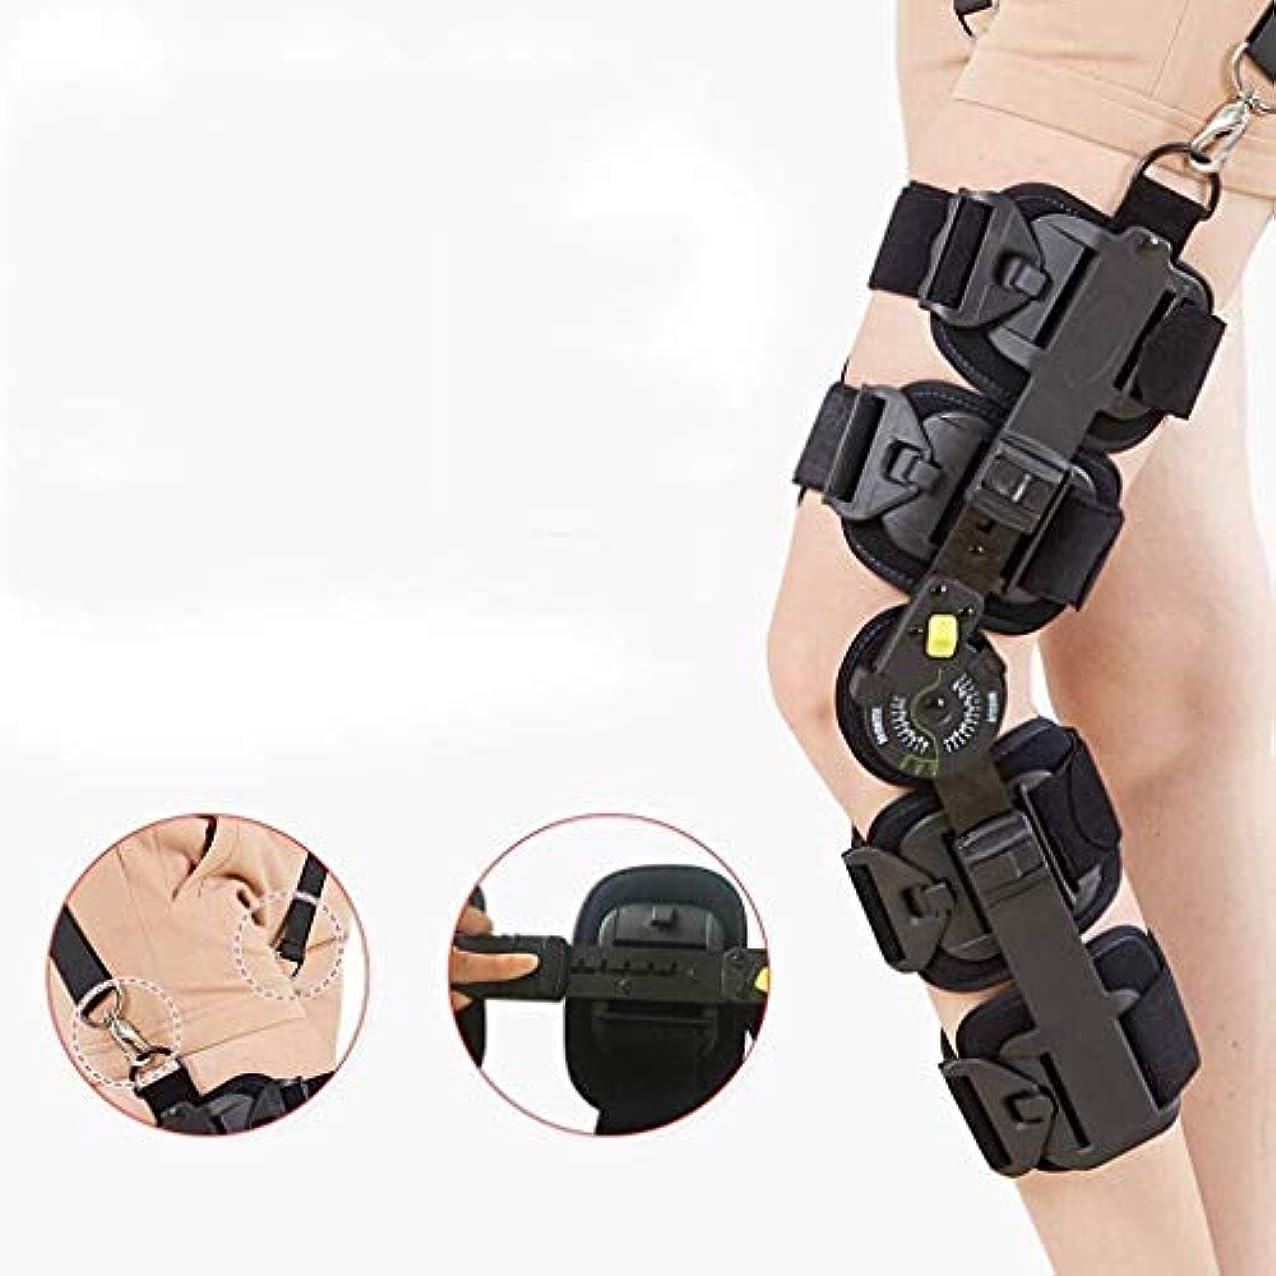 グローブ抑制するゴールデンヒンジ付き膝装具-腫れたACL、腱、靭帯、および半月板の損傷に対する調節可能なオープン膝蓋骨サポート-ランニング、レスリング、関節炎の関節の運動圧縮ラップ